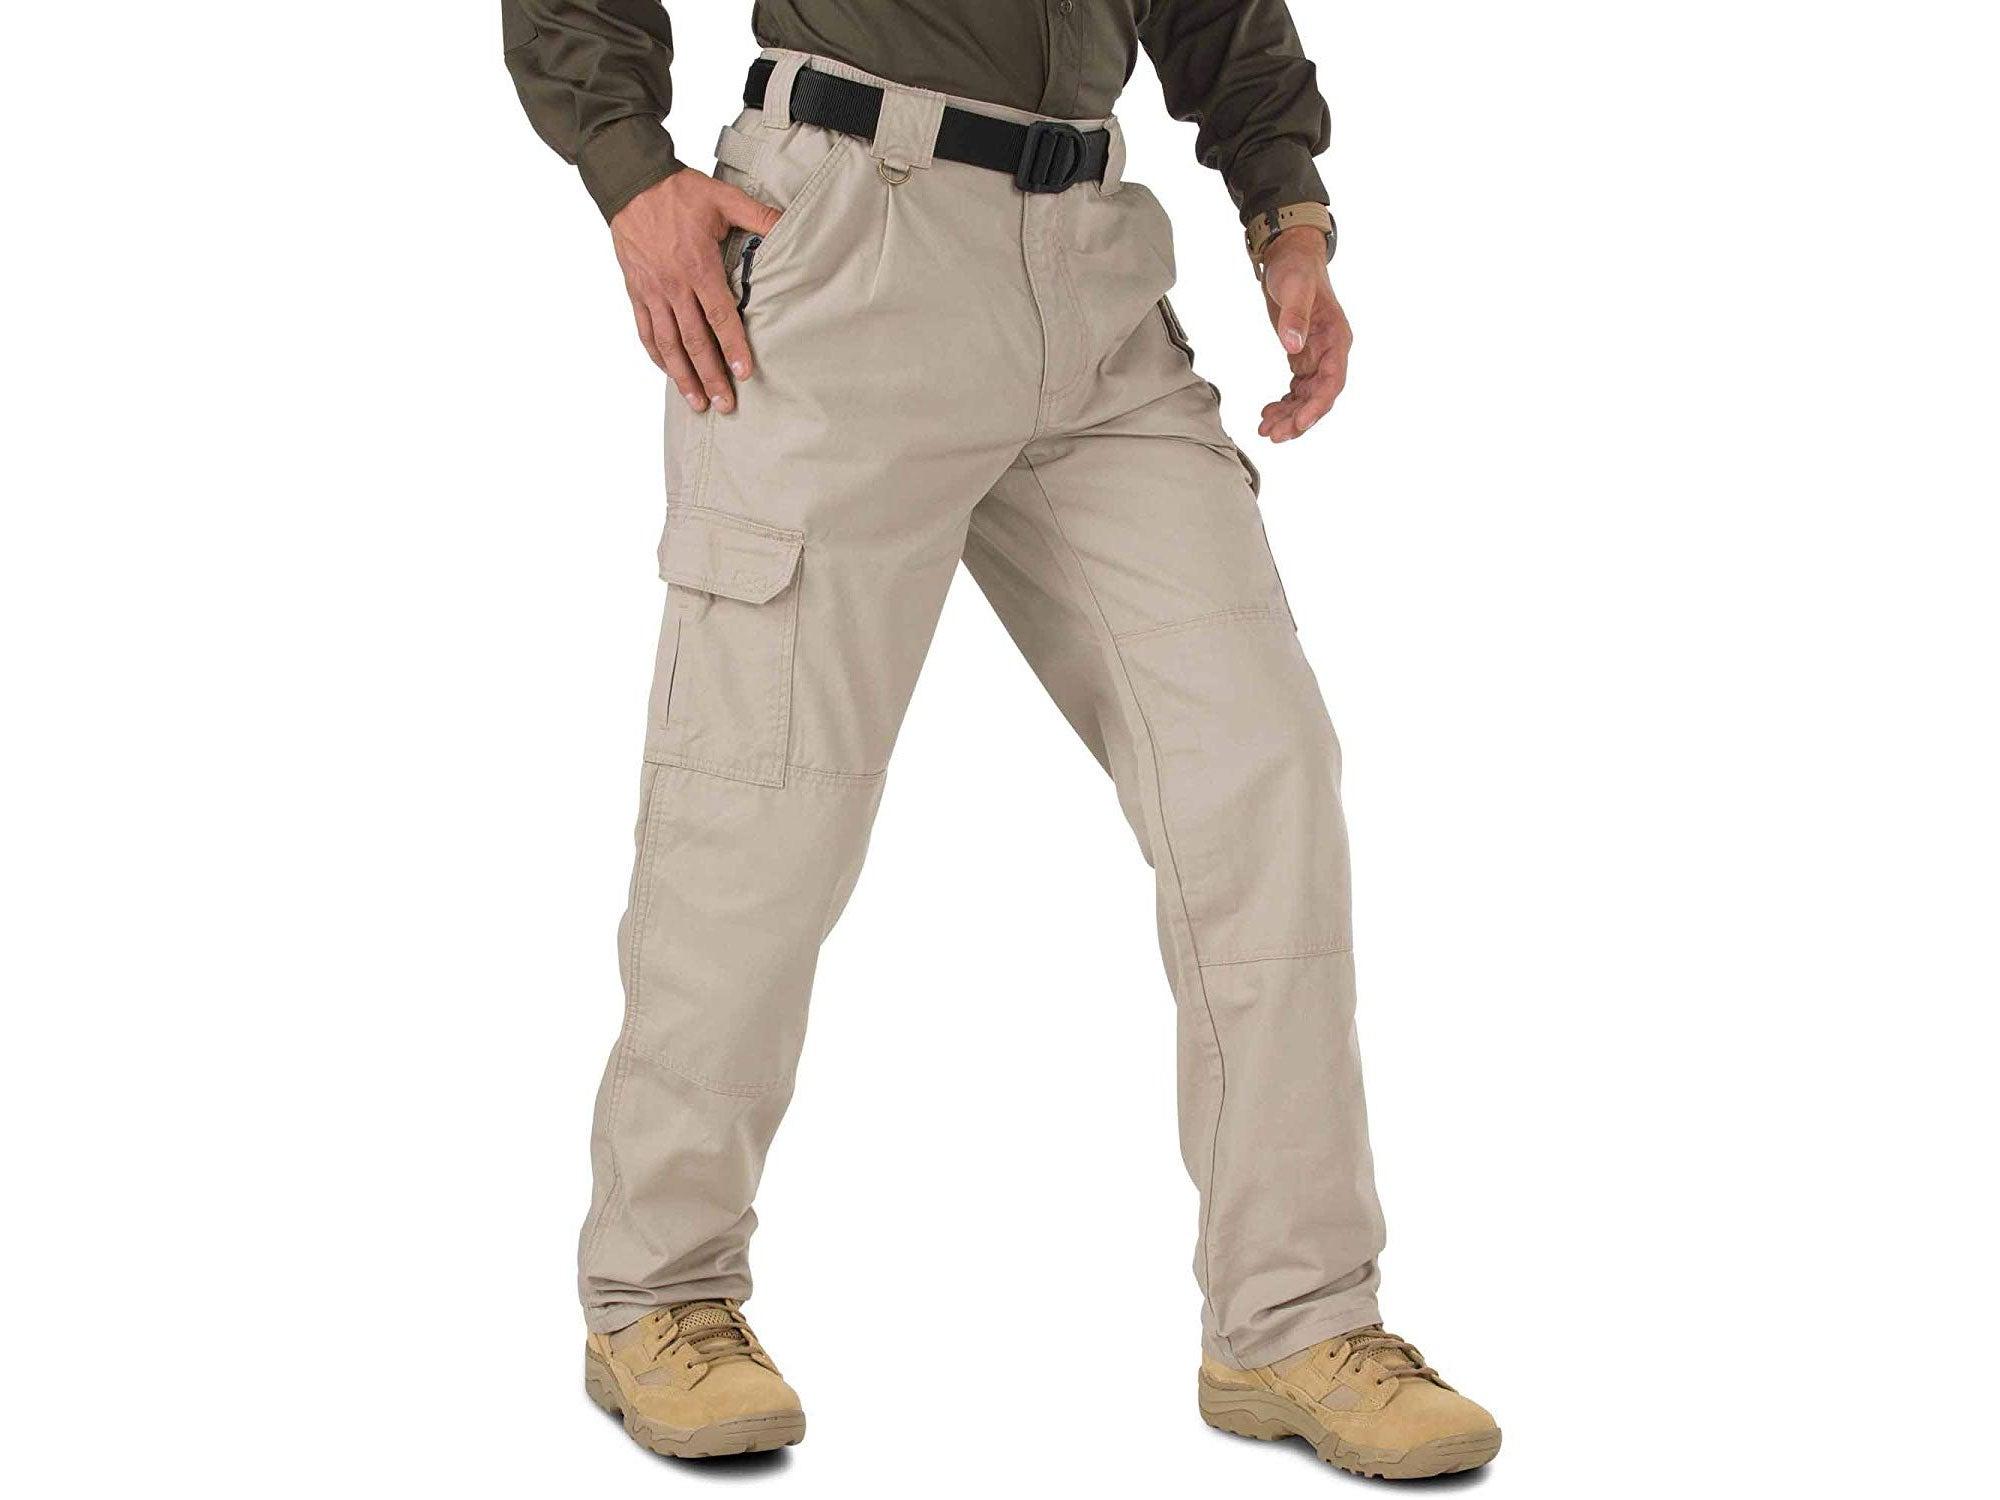 Man wearing tan tactical pants